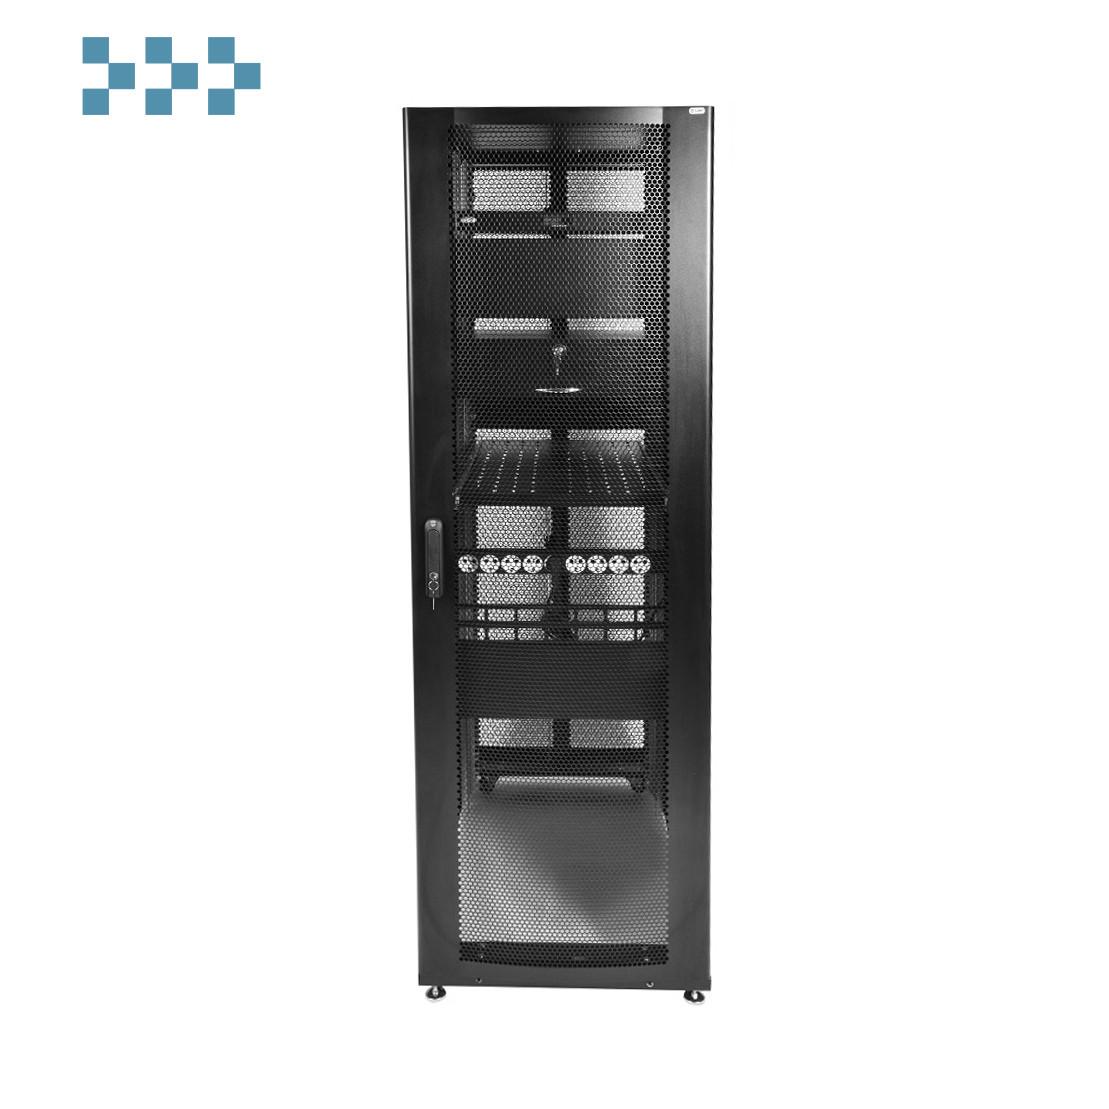 Шкаф серверный ПРОФ напольный 48U ЦМО ШТК-СП-48.8.10-44АА-9005